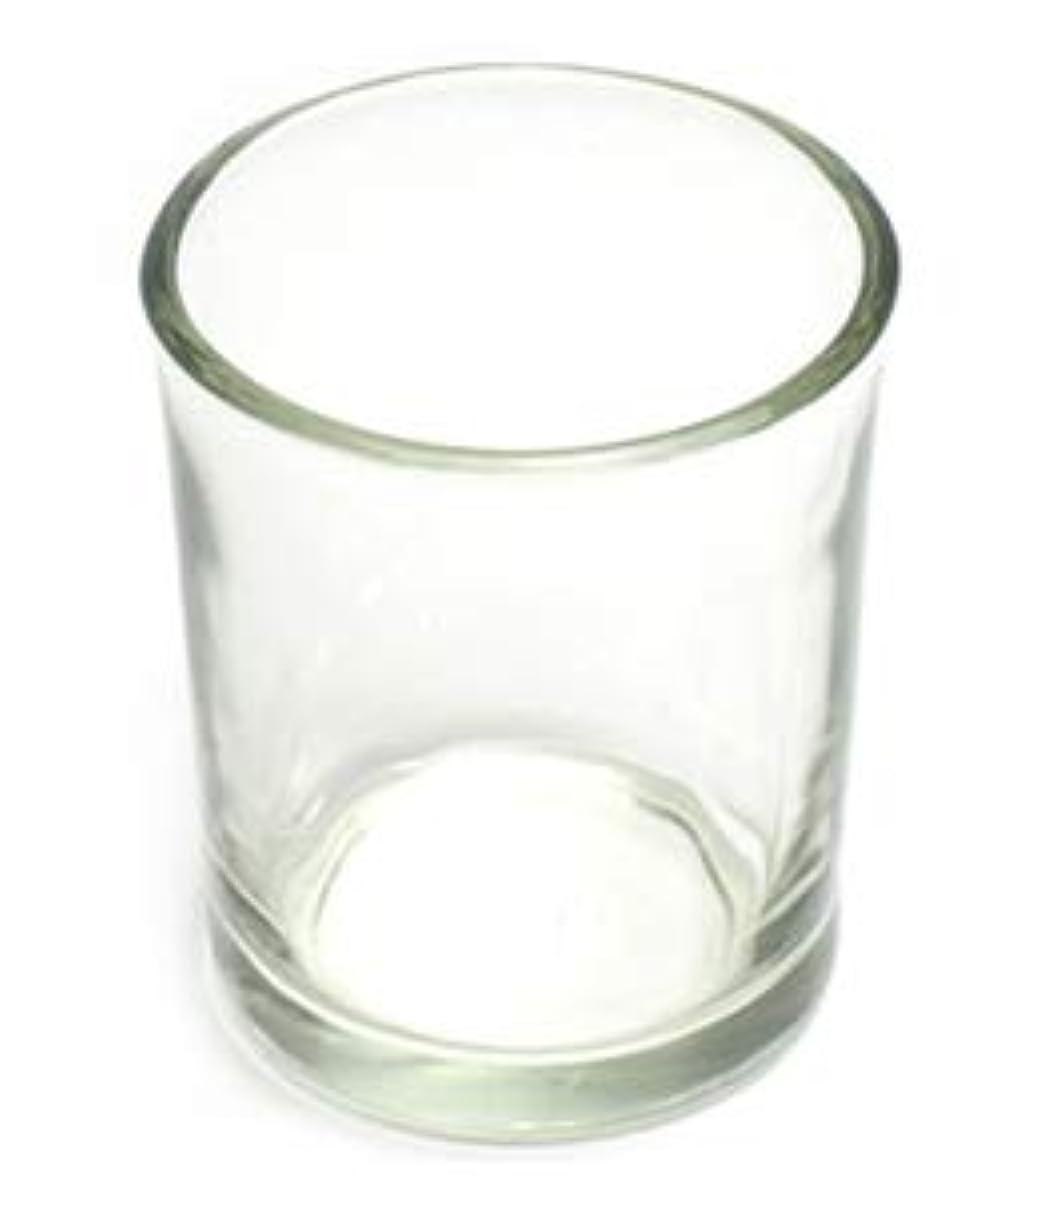 キャンドルホルダー ガラス シンプル[小] 1個 キャンドルスタンド 透明 クリア おしゃれ ろうそく立て